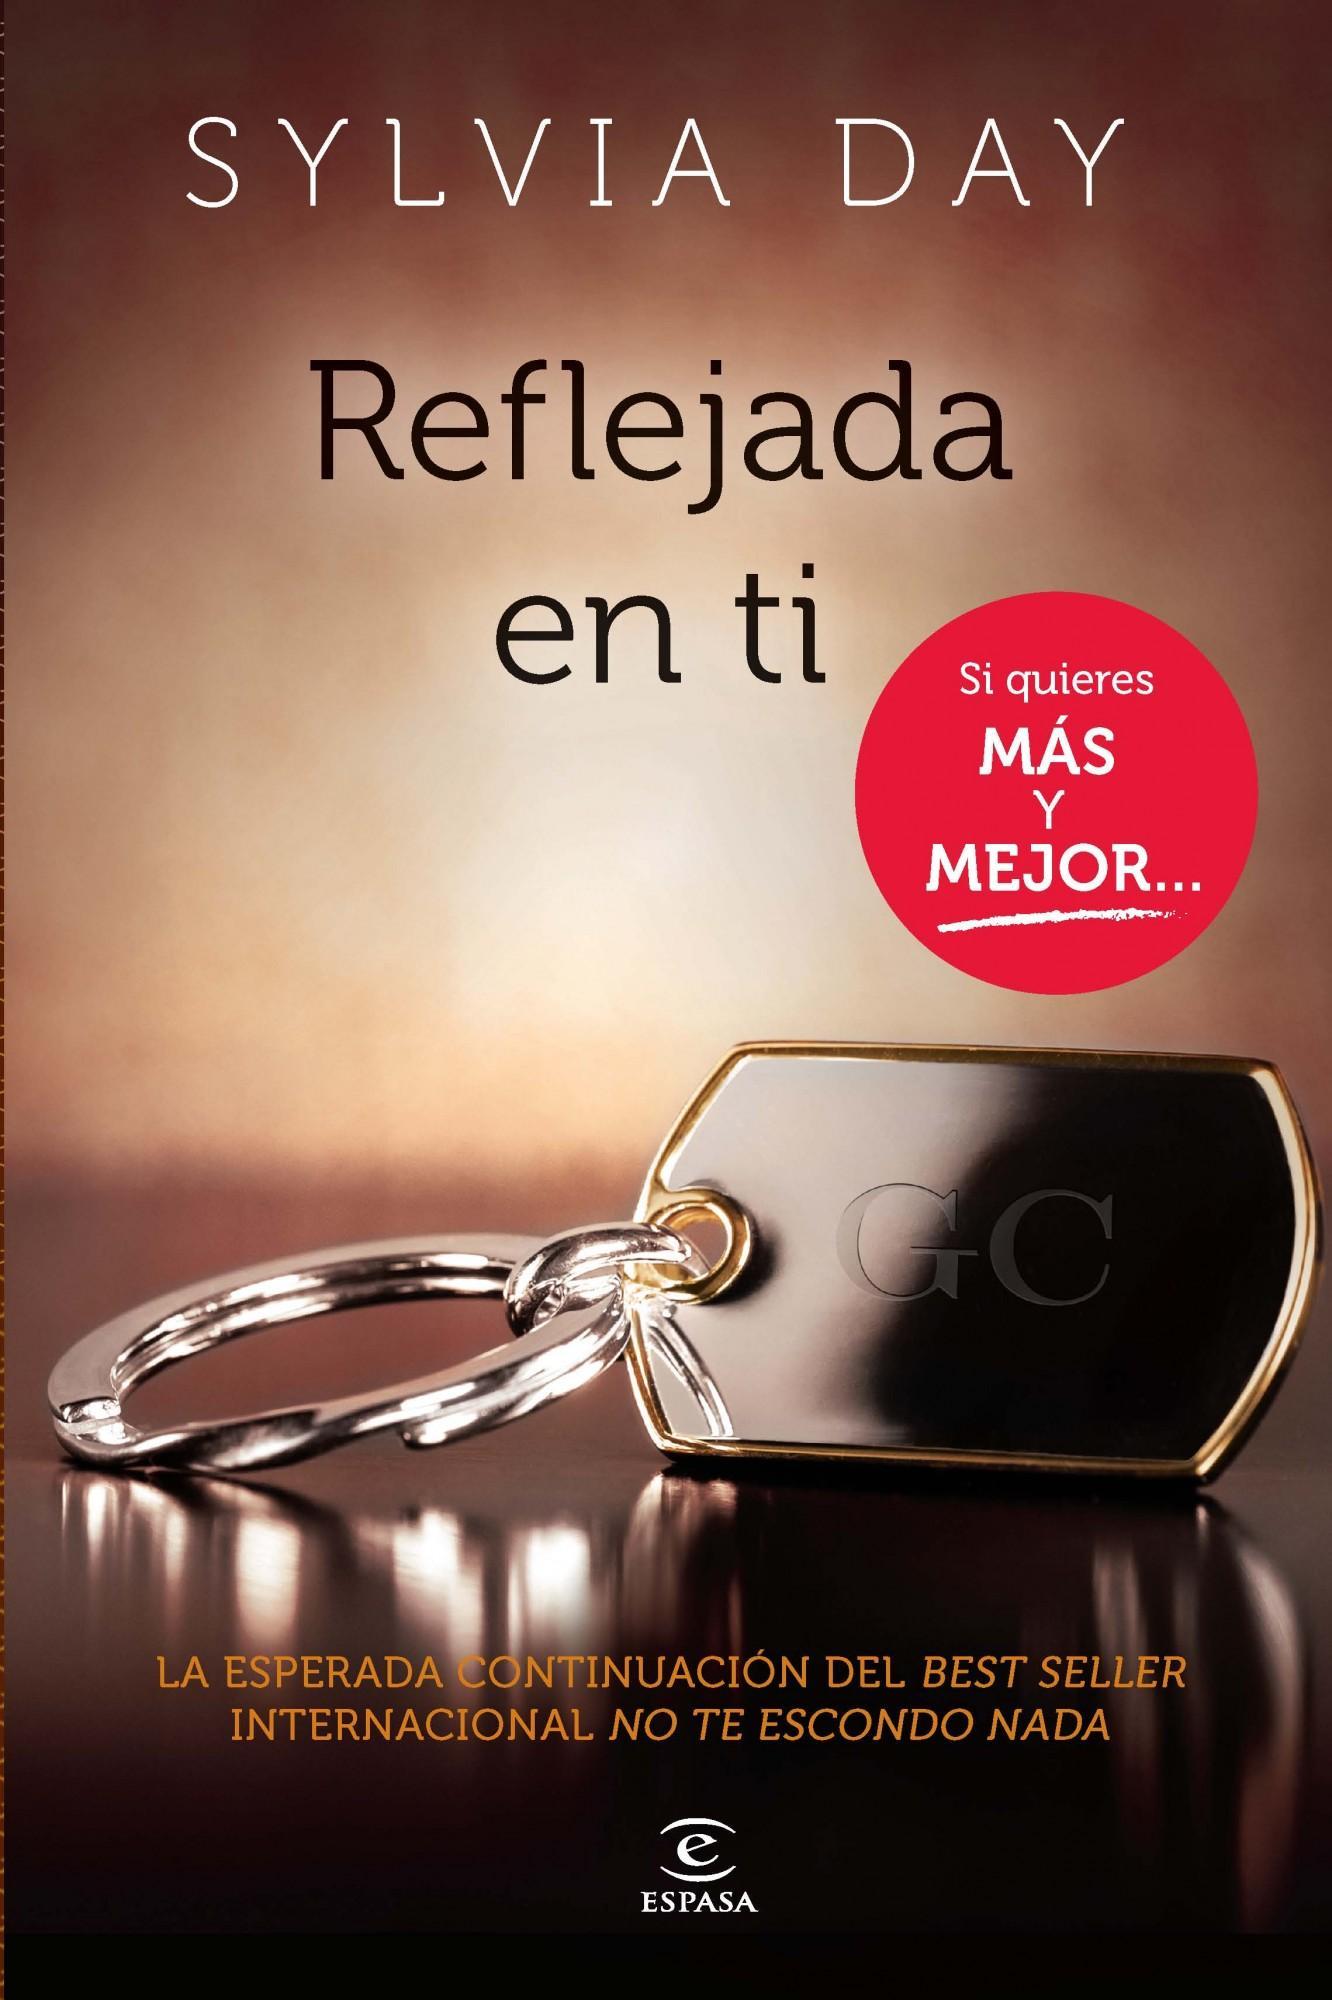 Reflejada en ti Editorial: Editorial Espasa / 2 Noviembre 2012